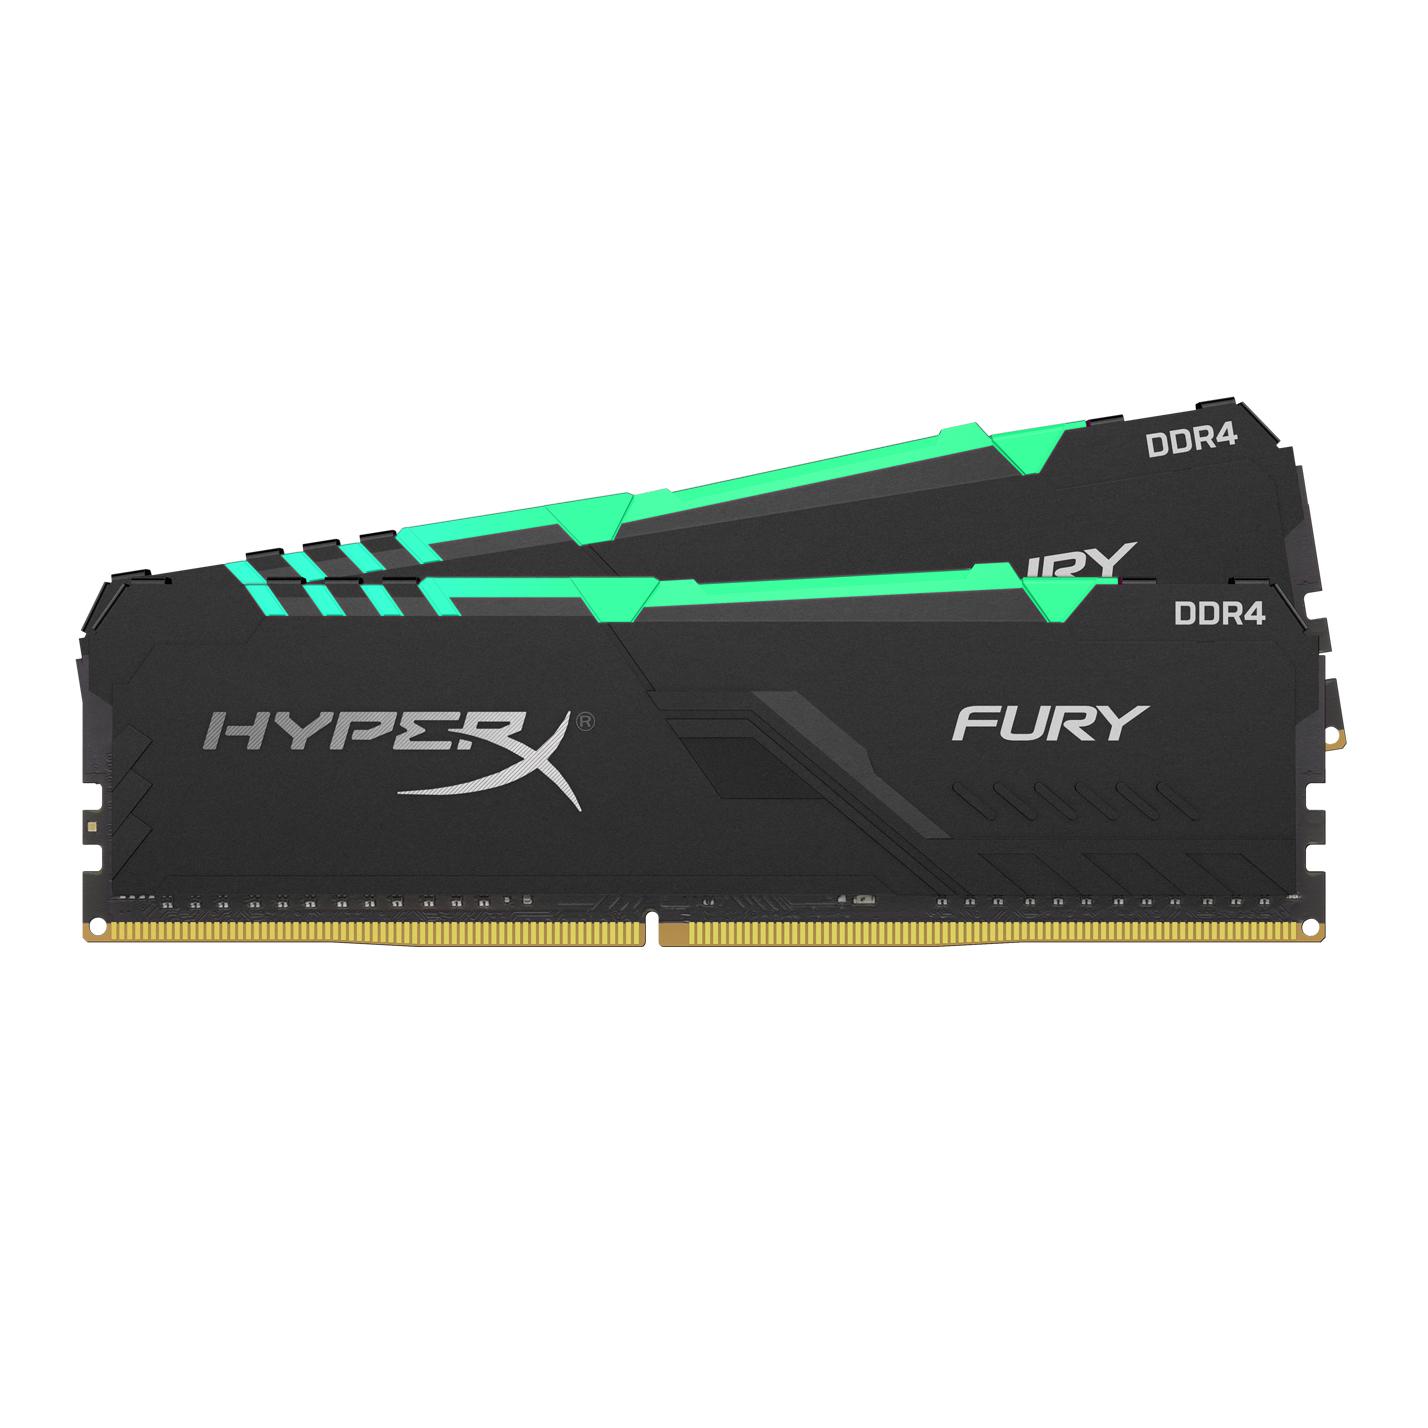 HYPERX FURY HX426C16FB3AK2/16 MEMORY MODULE 16 GB DDR4 2666 MHZ